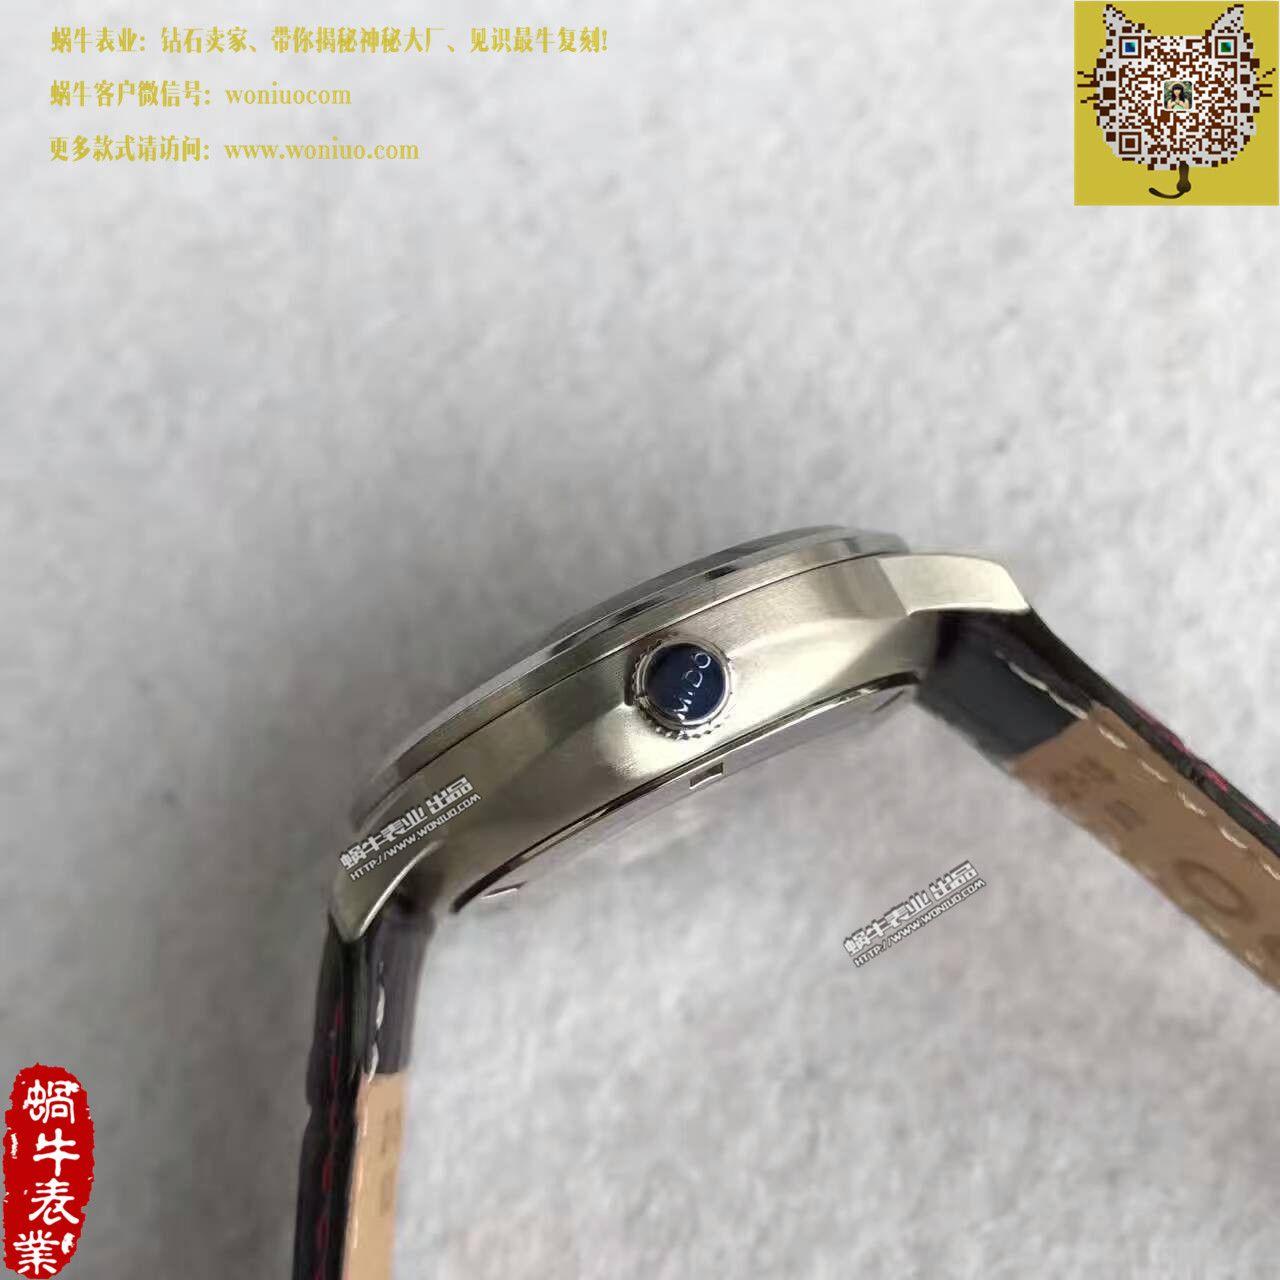 【台湾厂一比一复刻手表】美度指挥官系列M021.431.16.051.00腕表